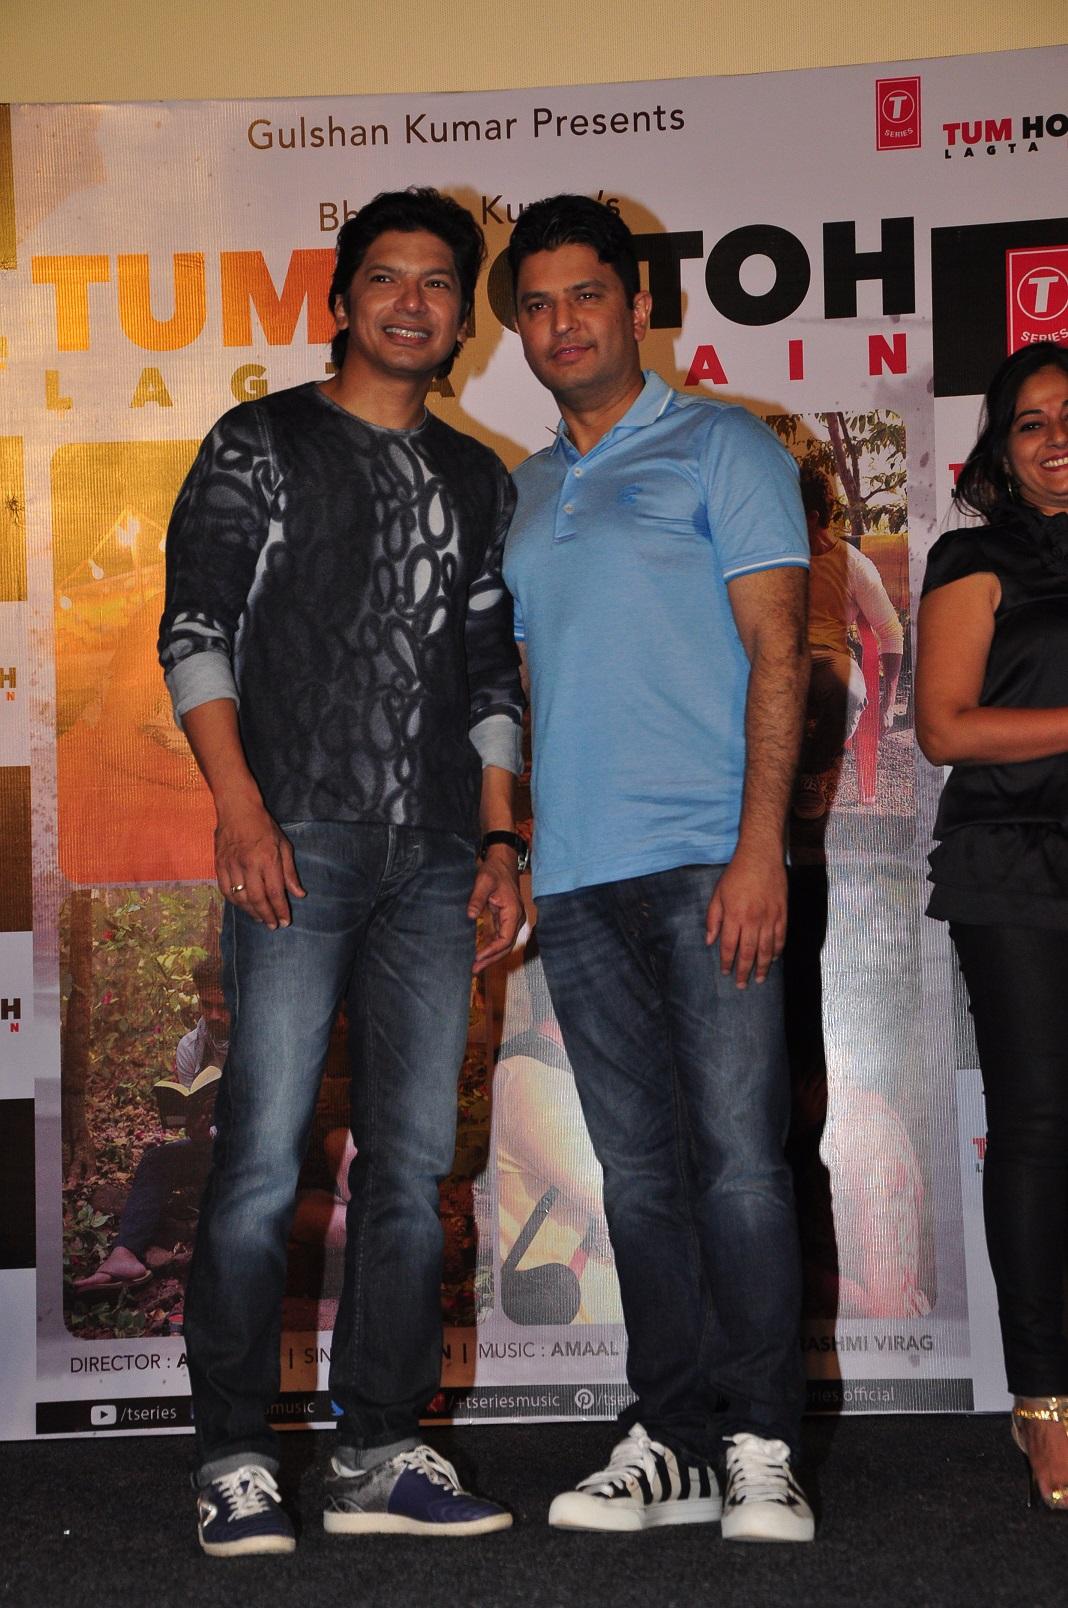 Shaan Bhushan Kumar